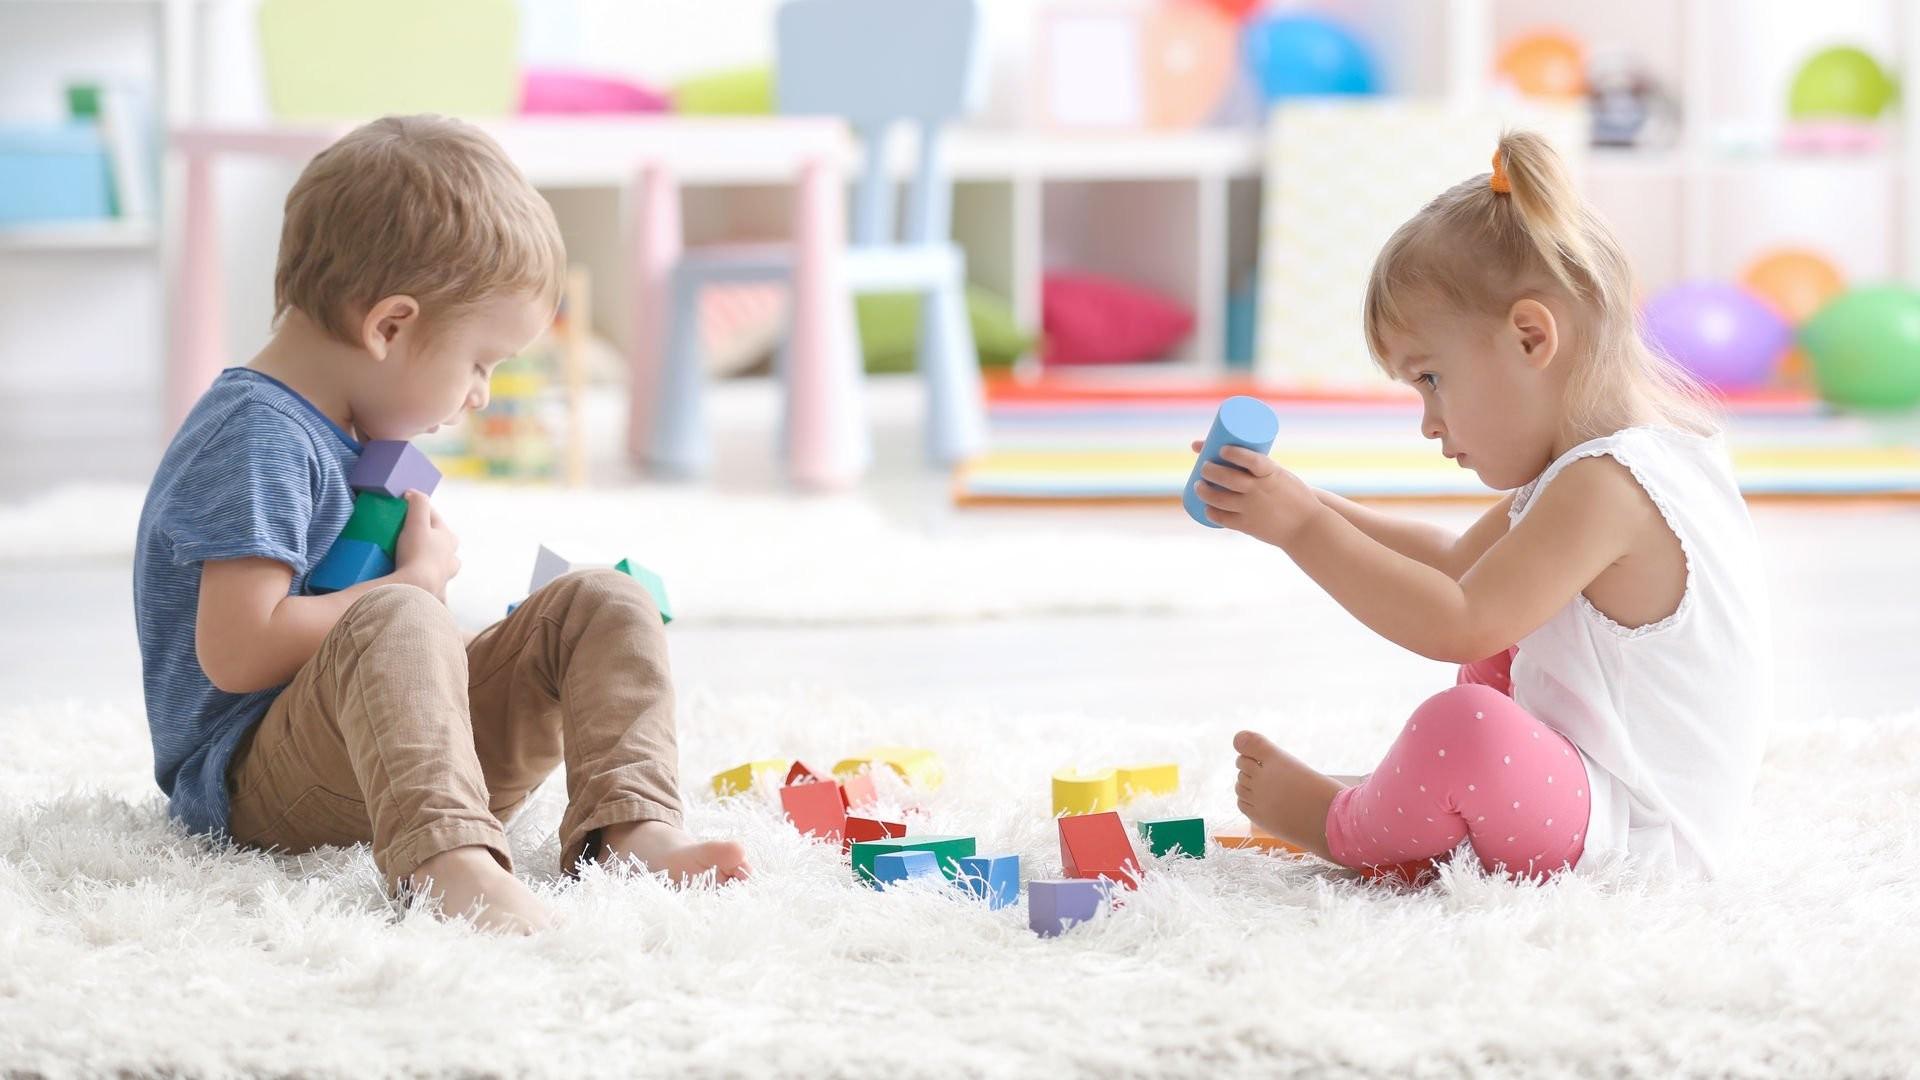 oyuncak seçerken nelere dikkat edilmeli